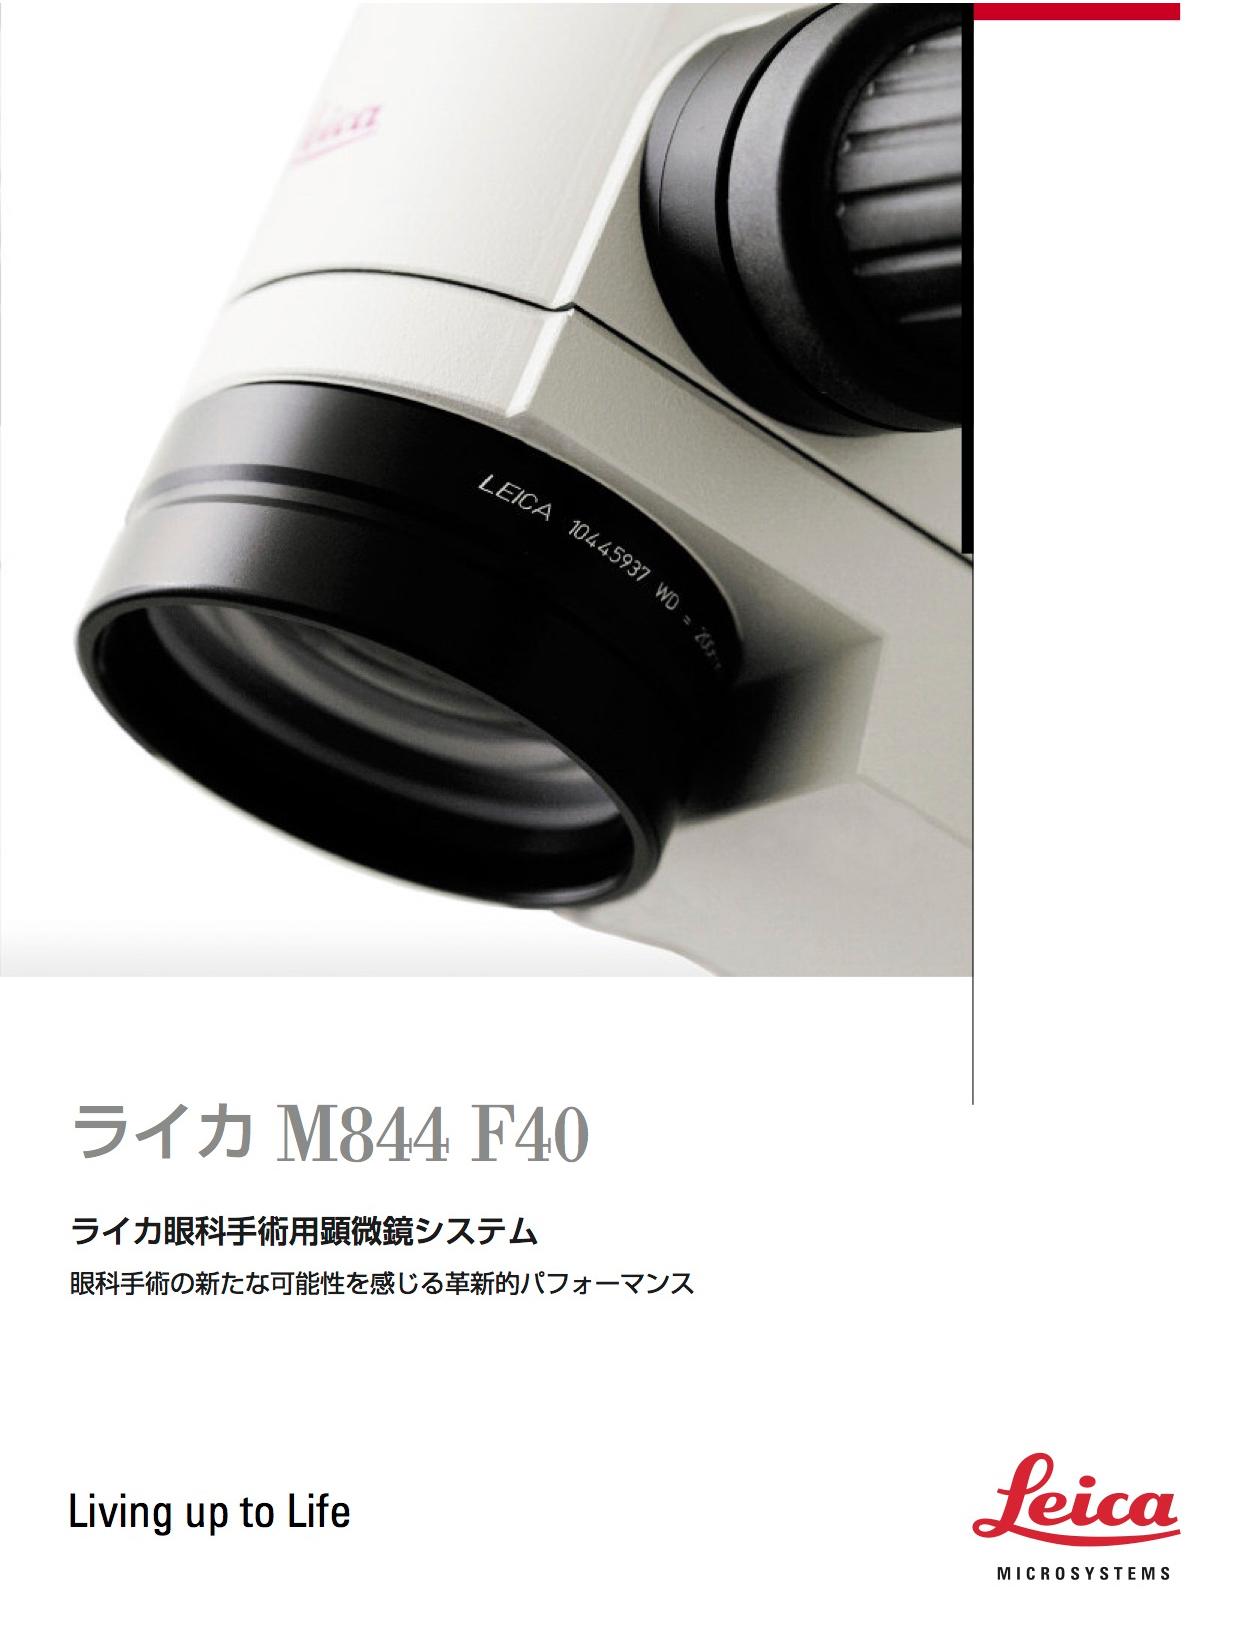 ダウンロード/眼科用手術顕微鏡 Leica M844 F40 カタログ